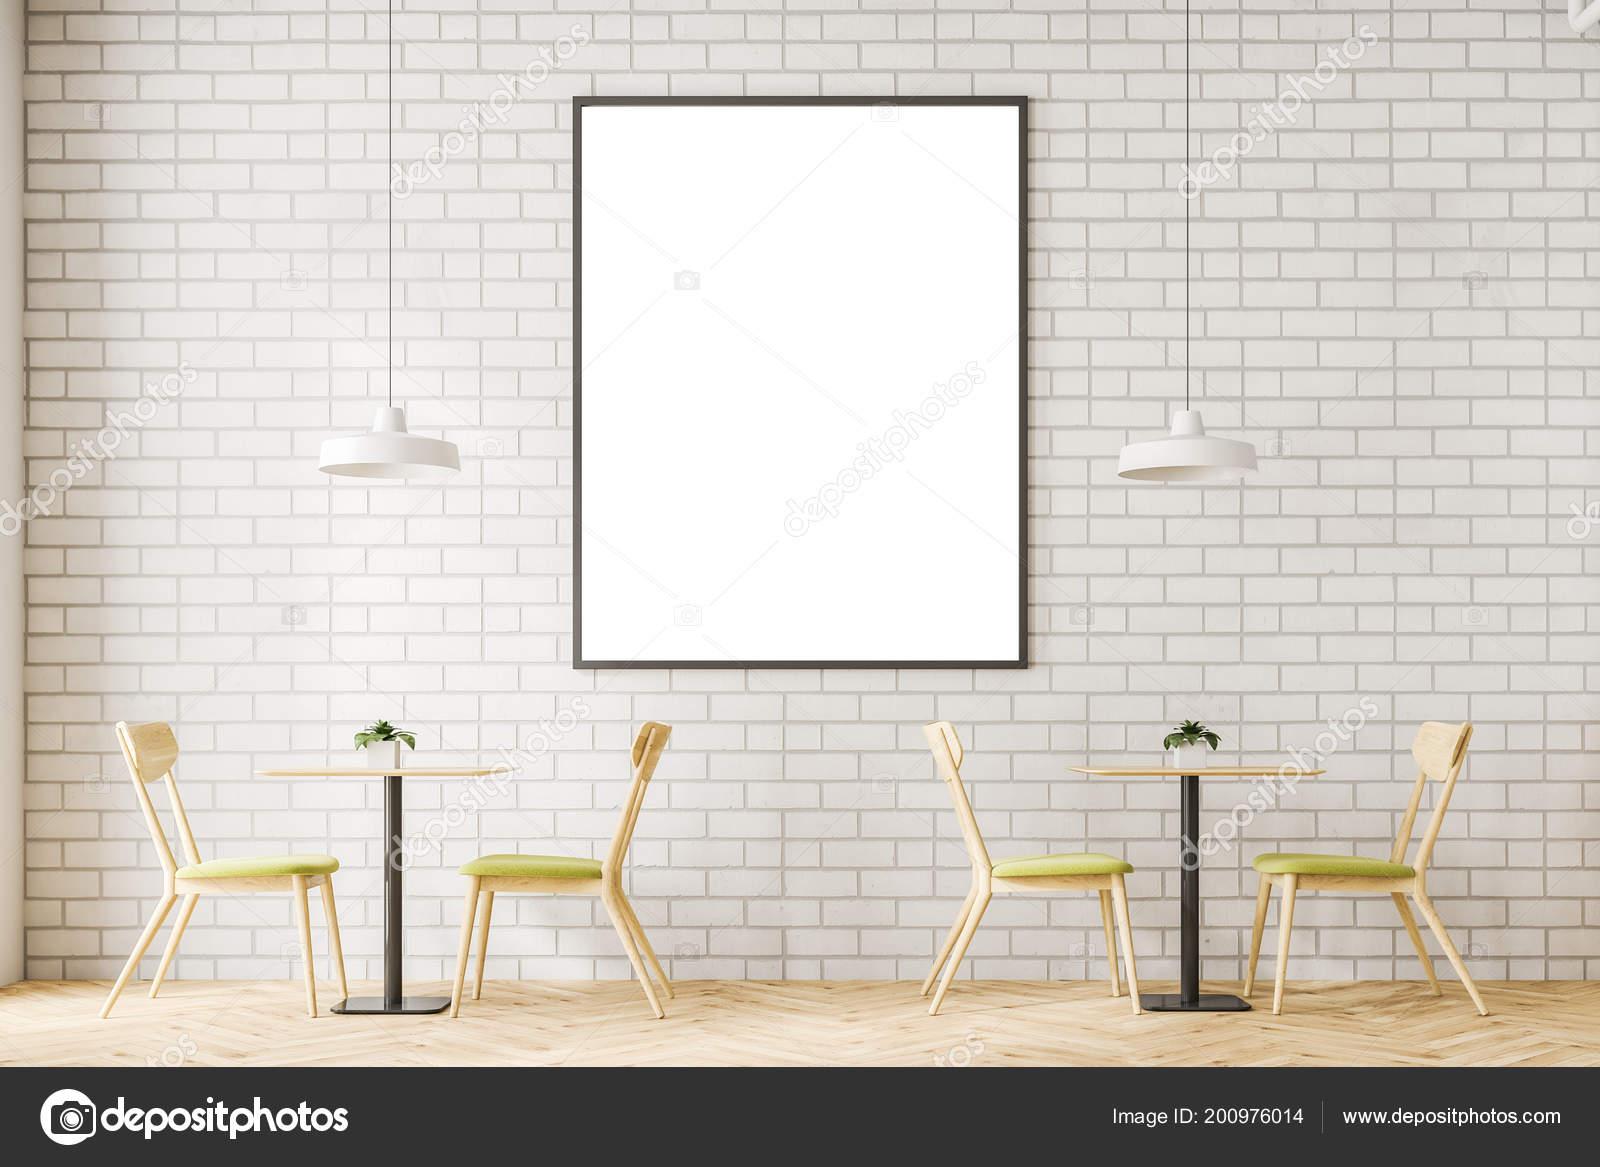 Minimalistische café interieur met witte bakstenen muren een